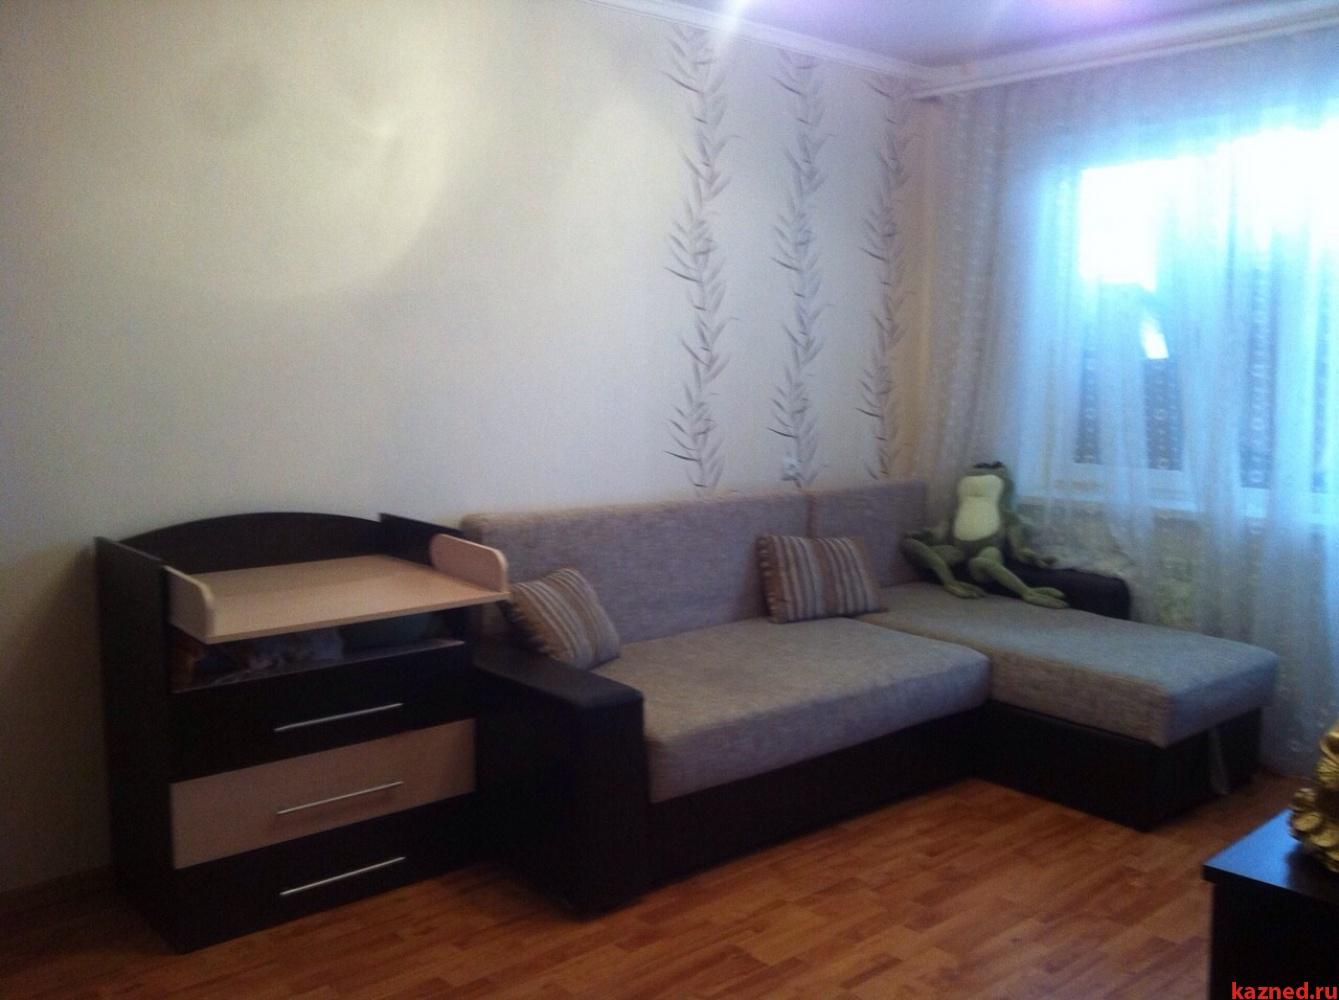 Продам 1-комн.квартиру Гаврилова, д. 10, 36 м2  (миниатюра №1)